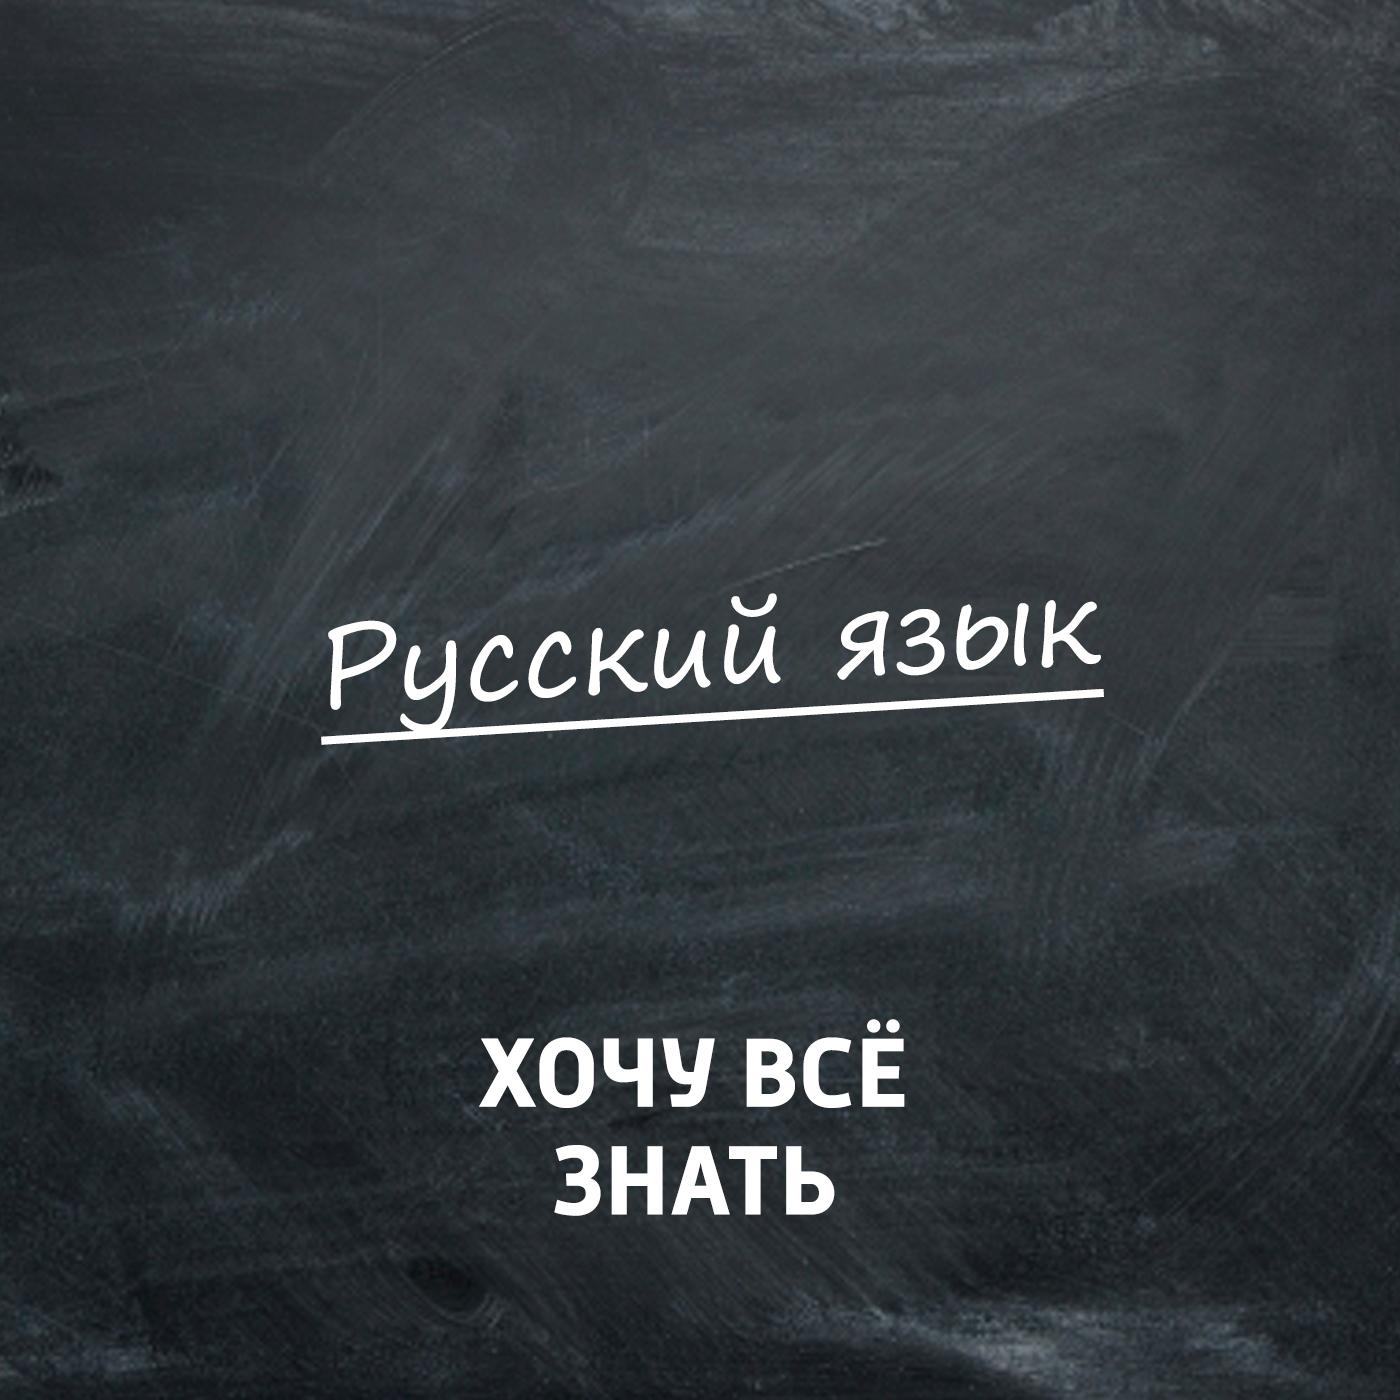 Творческий коллектив программы «Хочу всё знать» Олимпиадные задачи. Русский язык. Часть 76: цветы львиный зев крупноцветный римский каник